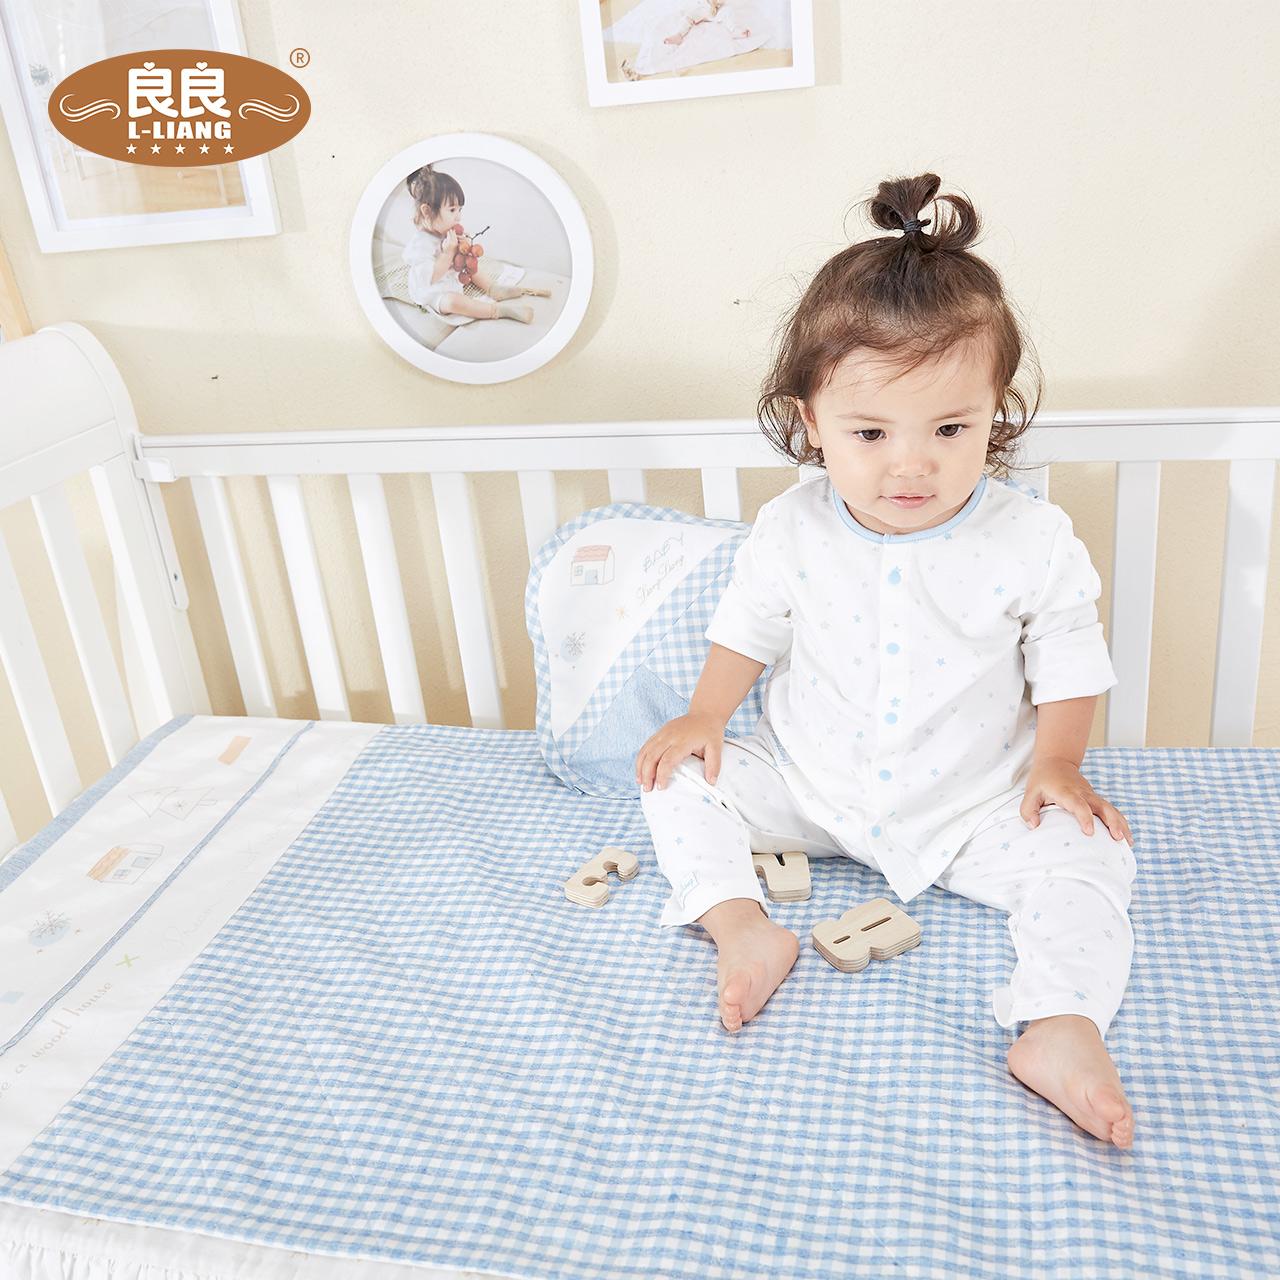 Хорошо хорошо кровать для младенца подушка музыка отлично конопля хлопок дорогой сокровище ребенок интенсивный детский сад матрас 0-6 лет кожа воздухопроницаемый